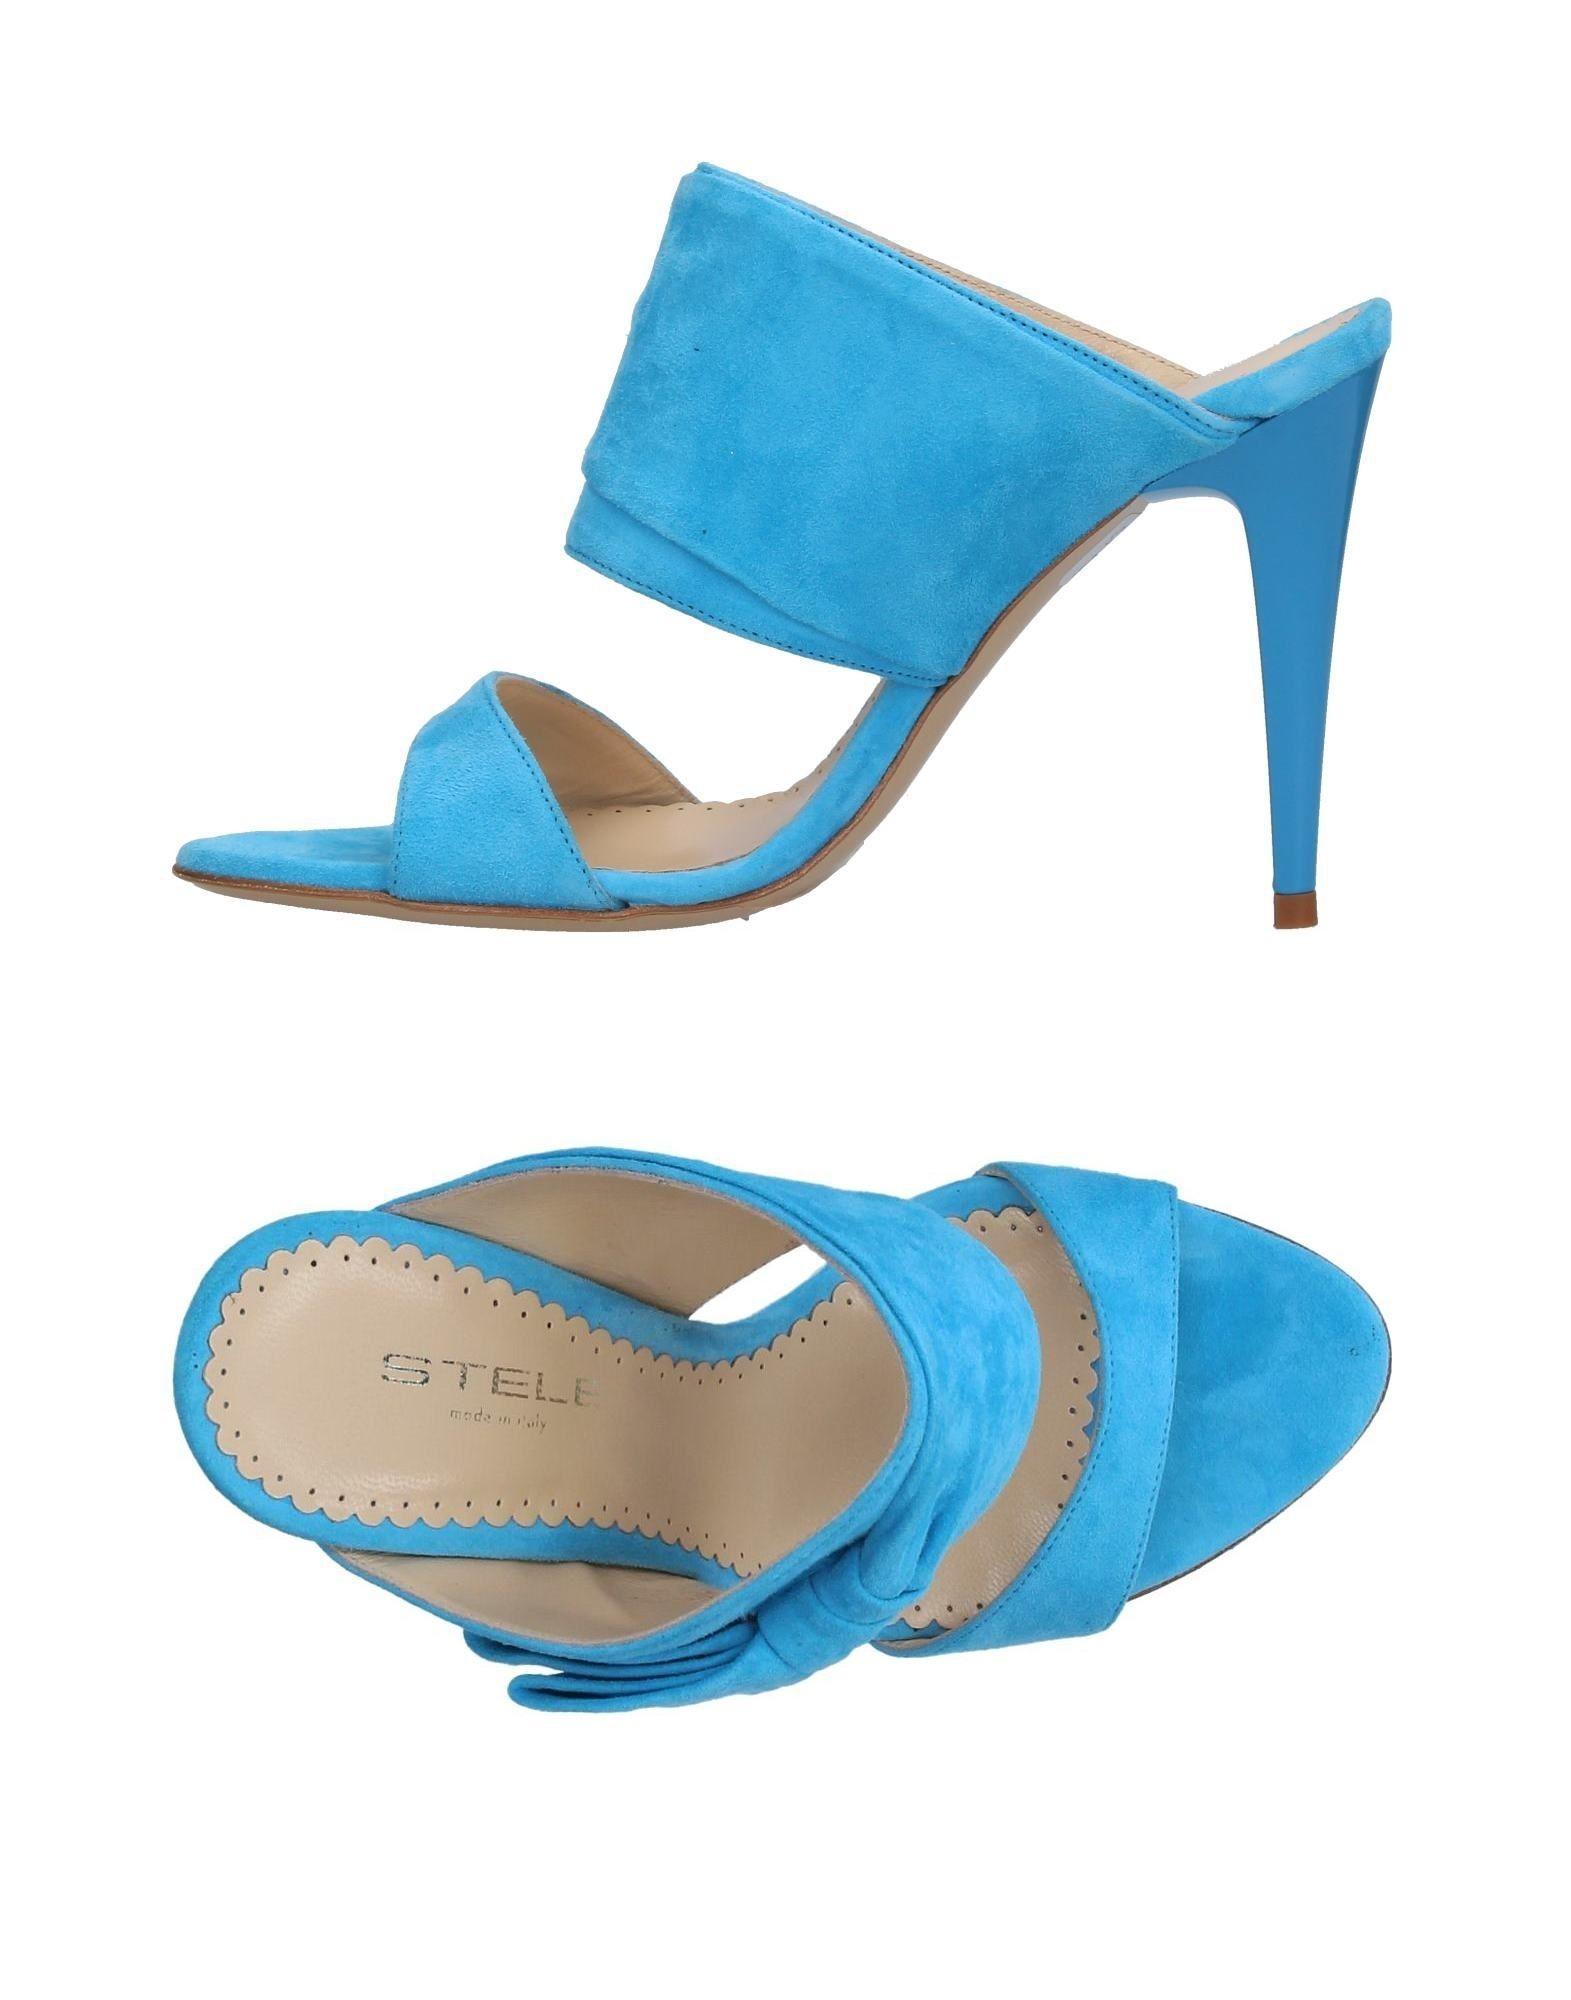 Stele Sandalen Damen  11377811XR Gute Qualität beliebte Schuhe